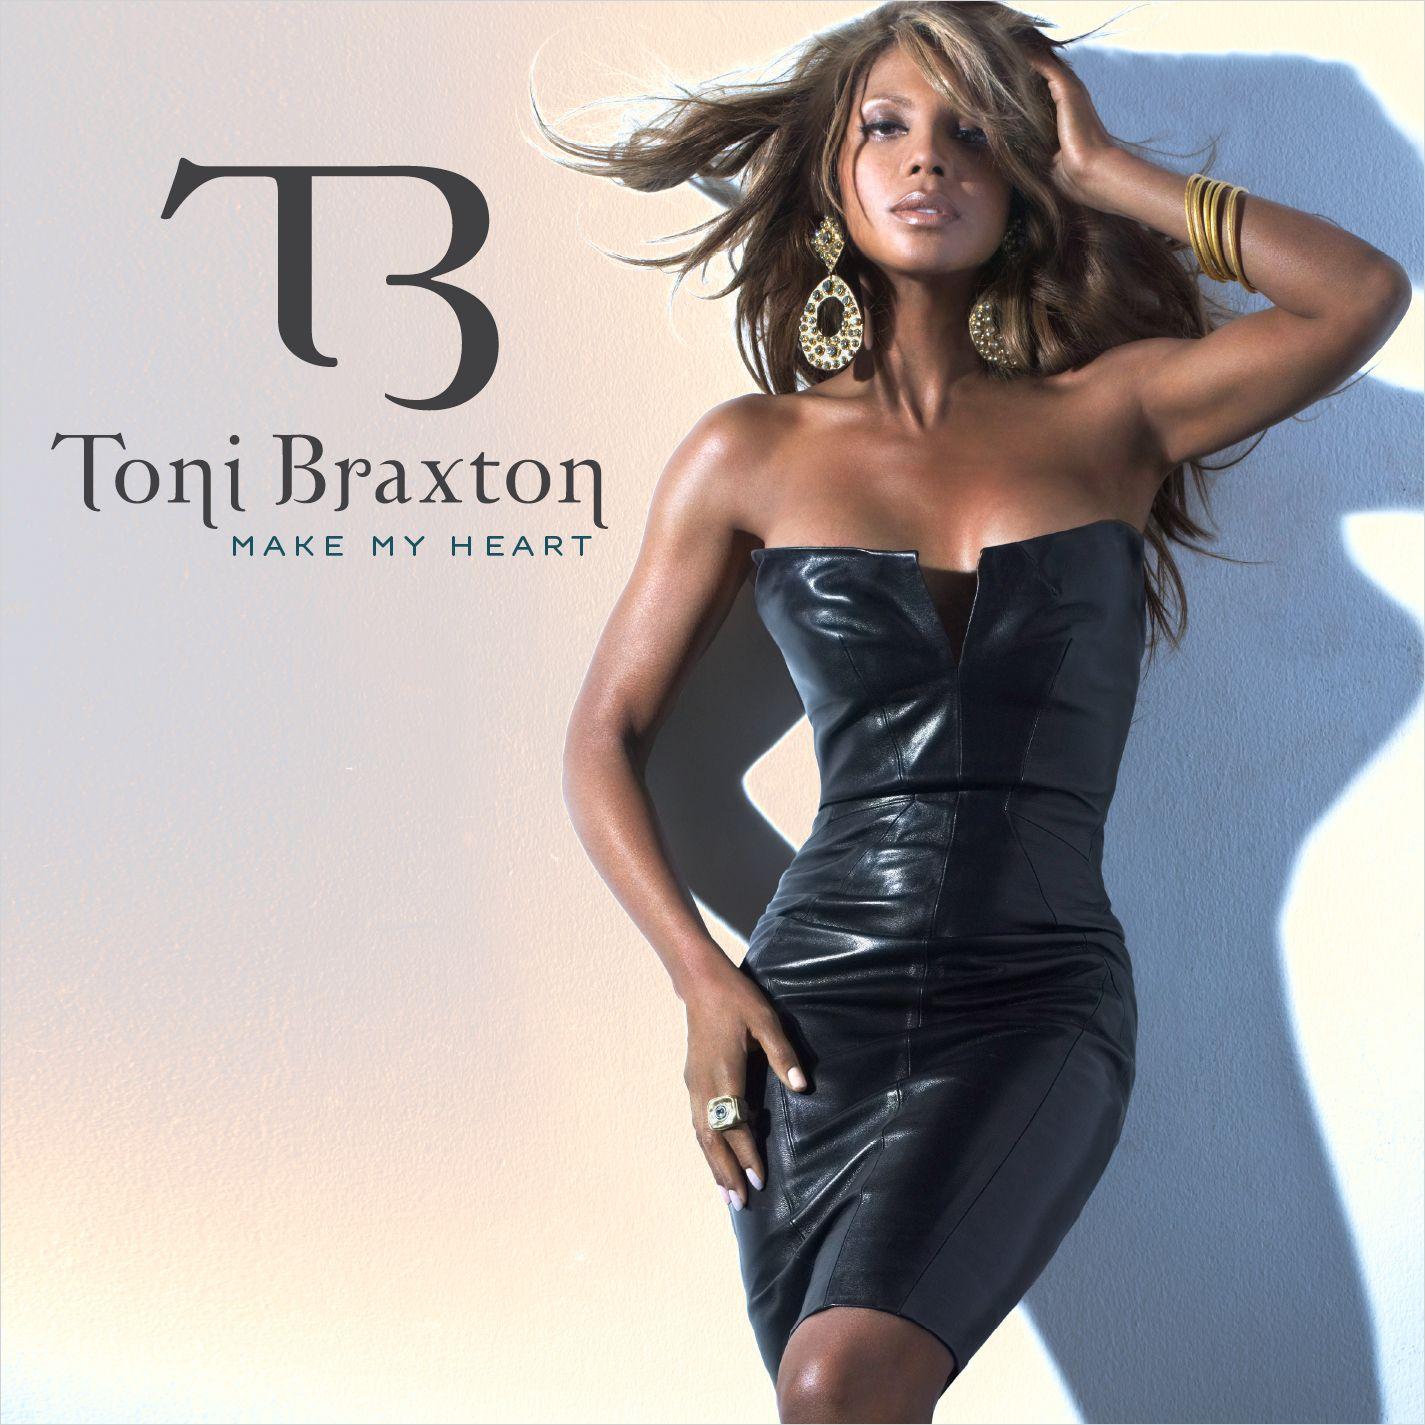 http://3.bp.blogspot.com/_a_XJpYZlwlY/TDqUOp4kNuI/AAAAAAAAAC4/daRK7Tf2oiY/s1600/Toni+Braxton+-+Make+My+Heart.jpg